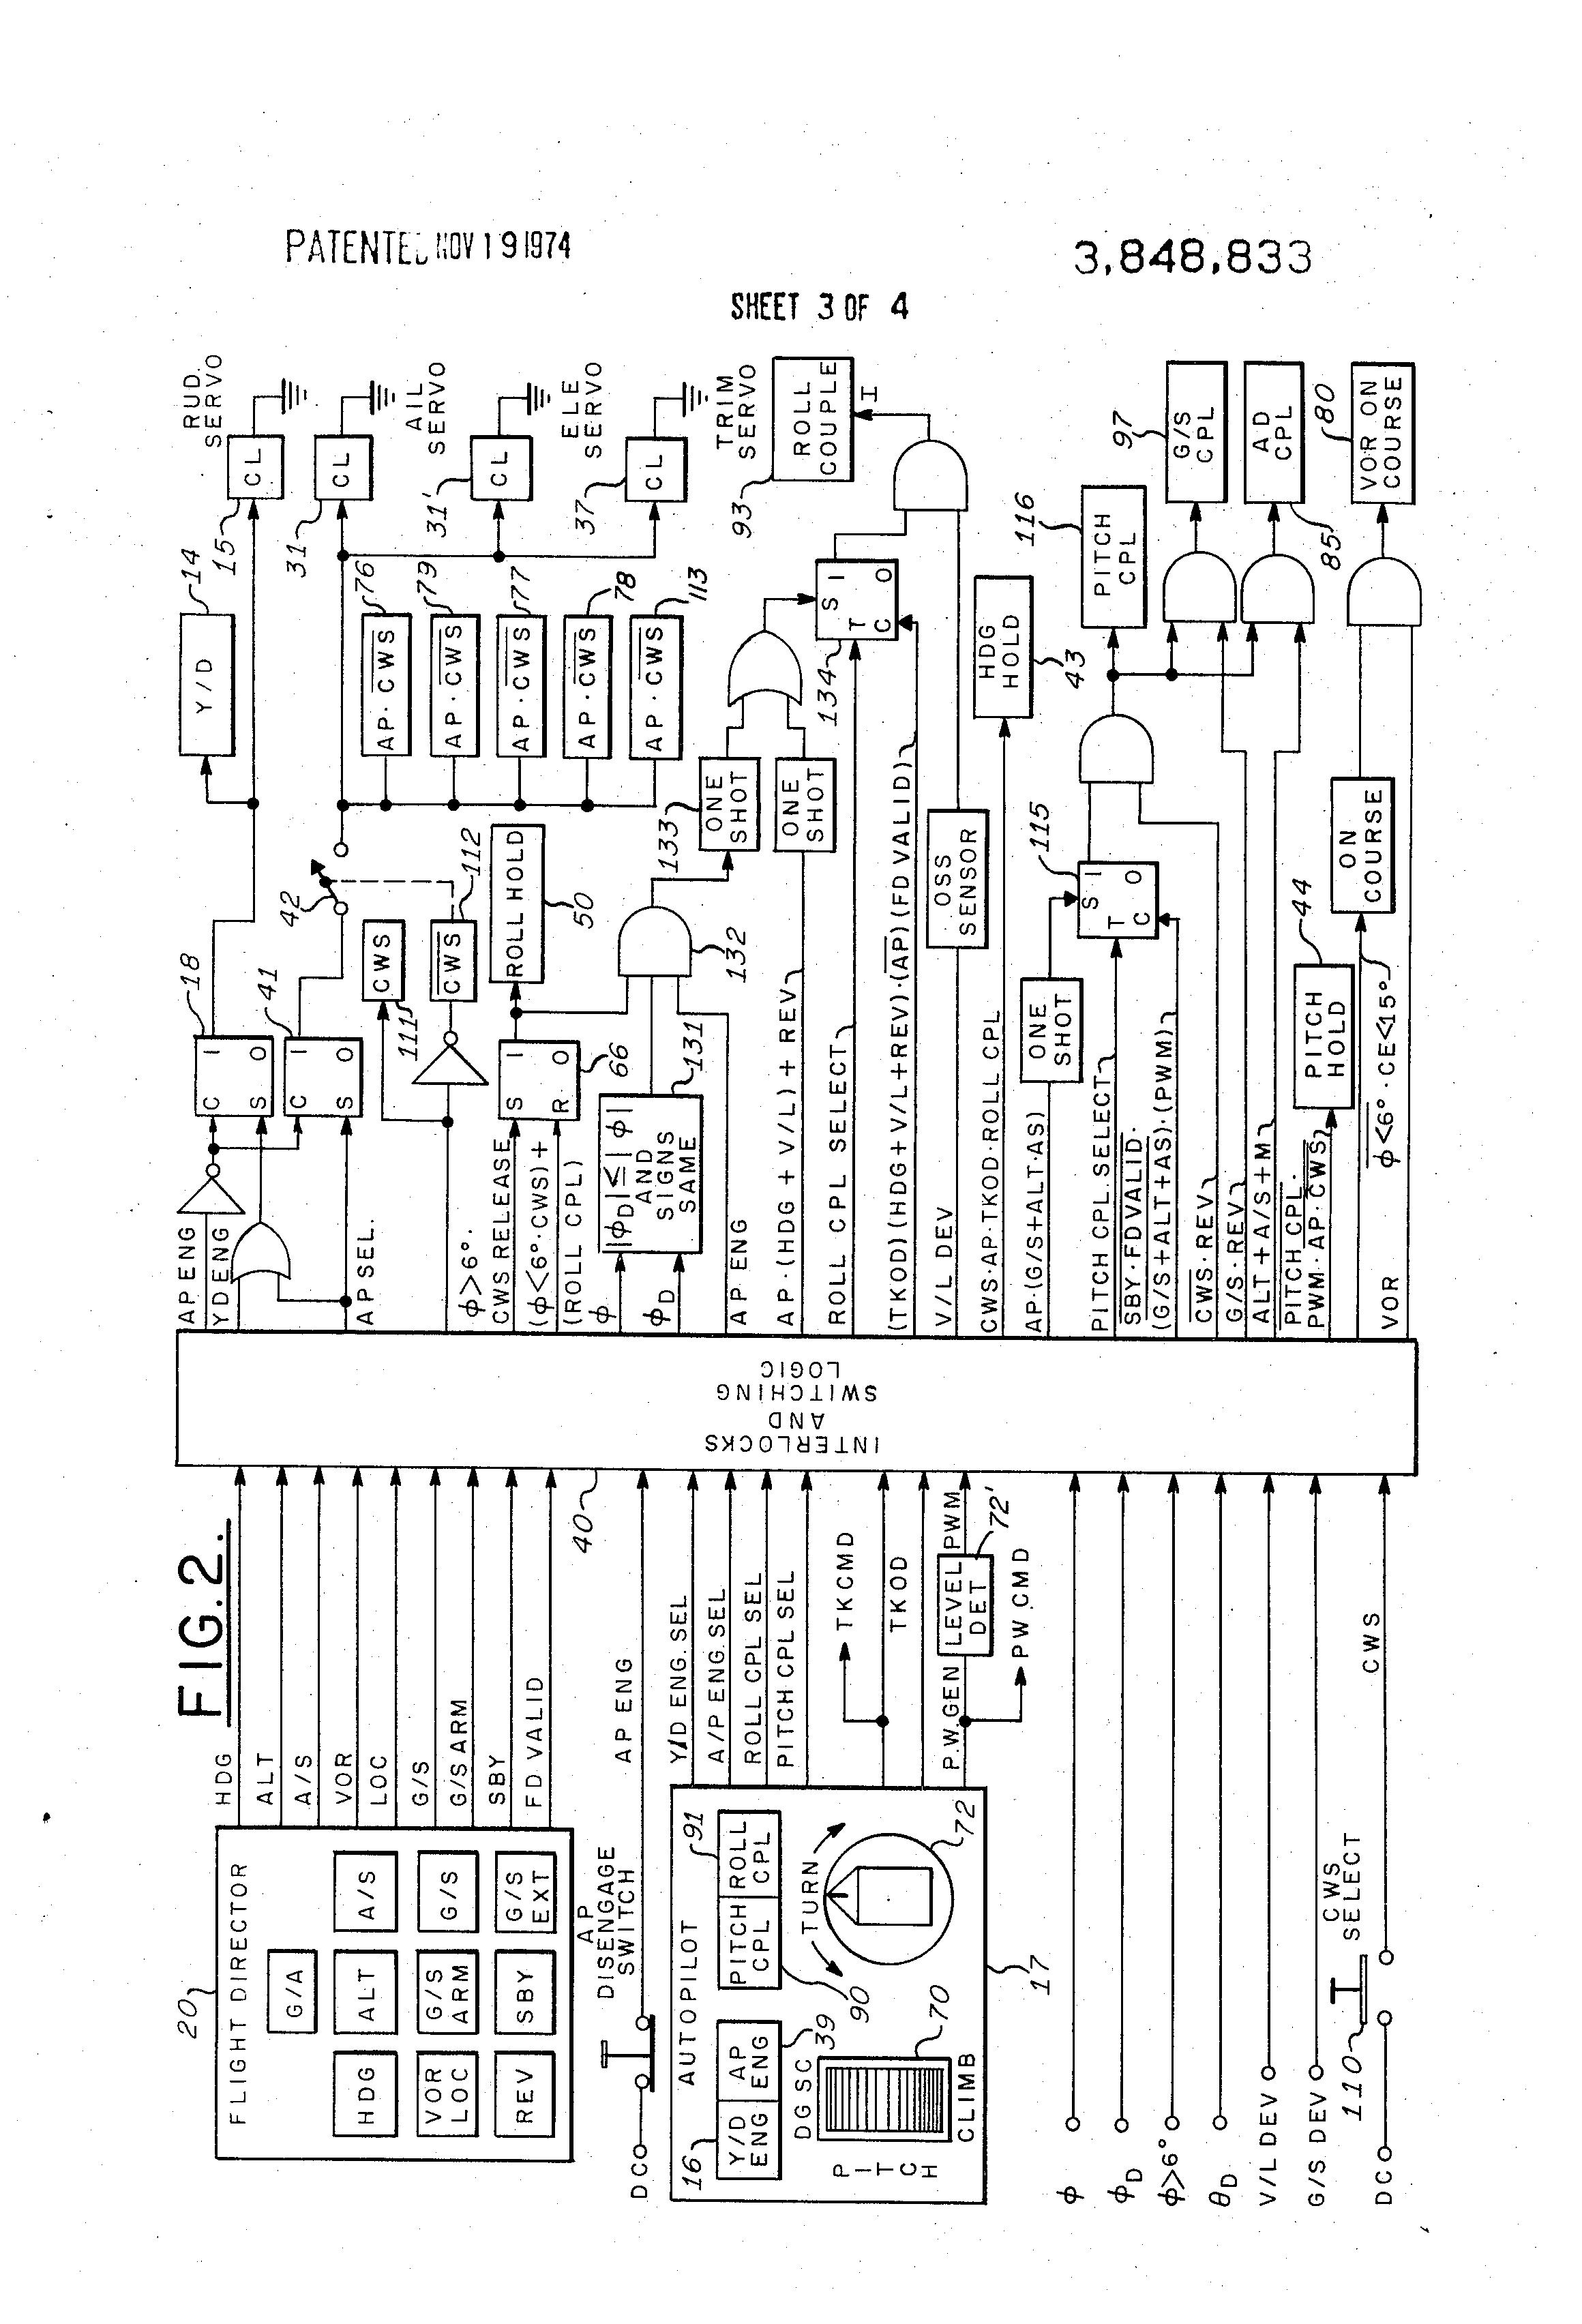 century 4 autopilot wiring diagram   34 wiring diagram